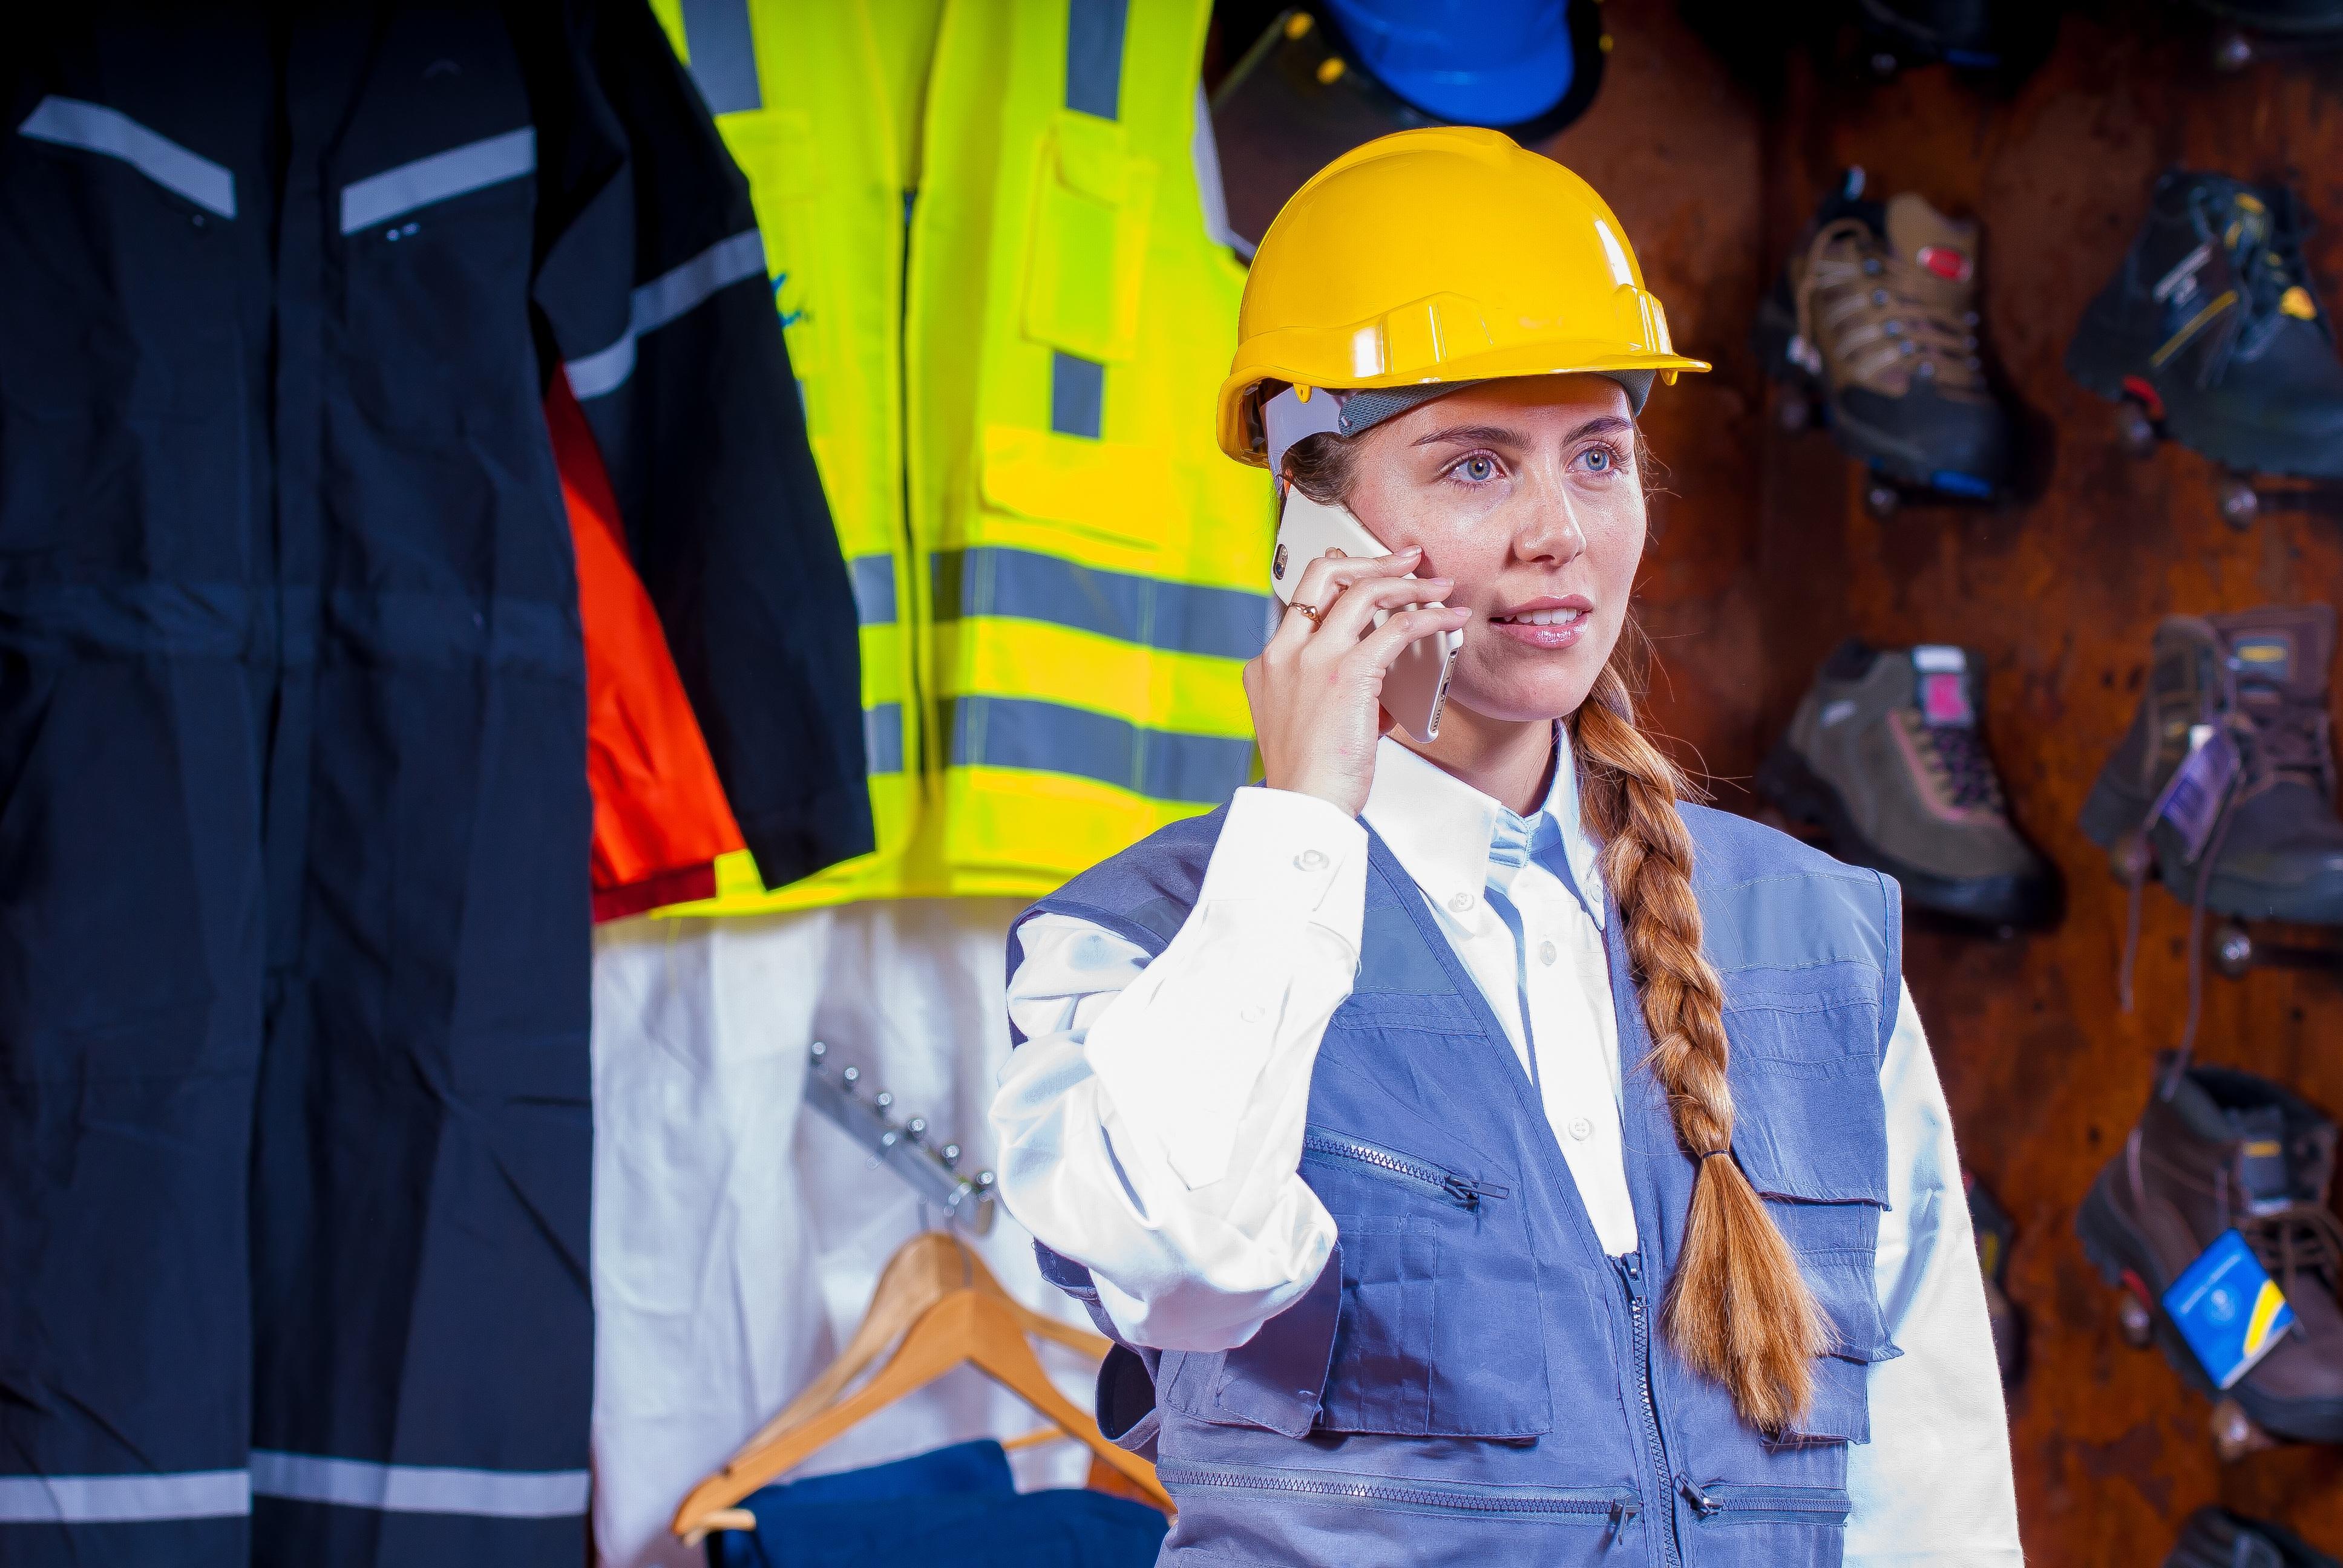 Especialização - Segurança e Higiene no Trabalho